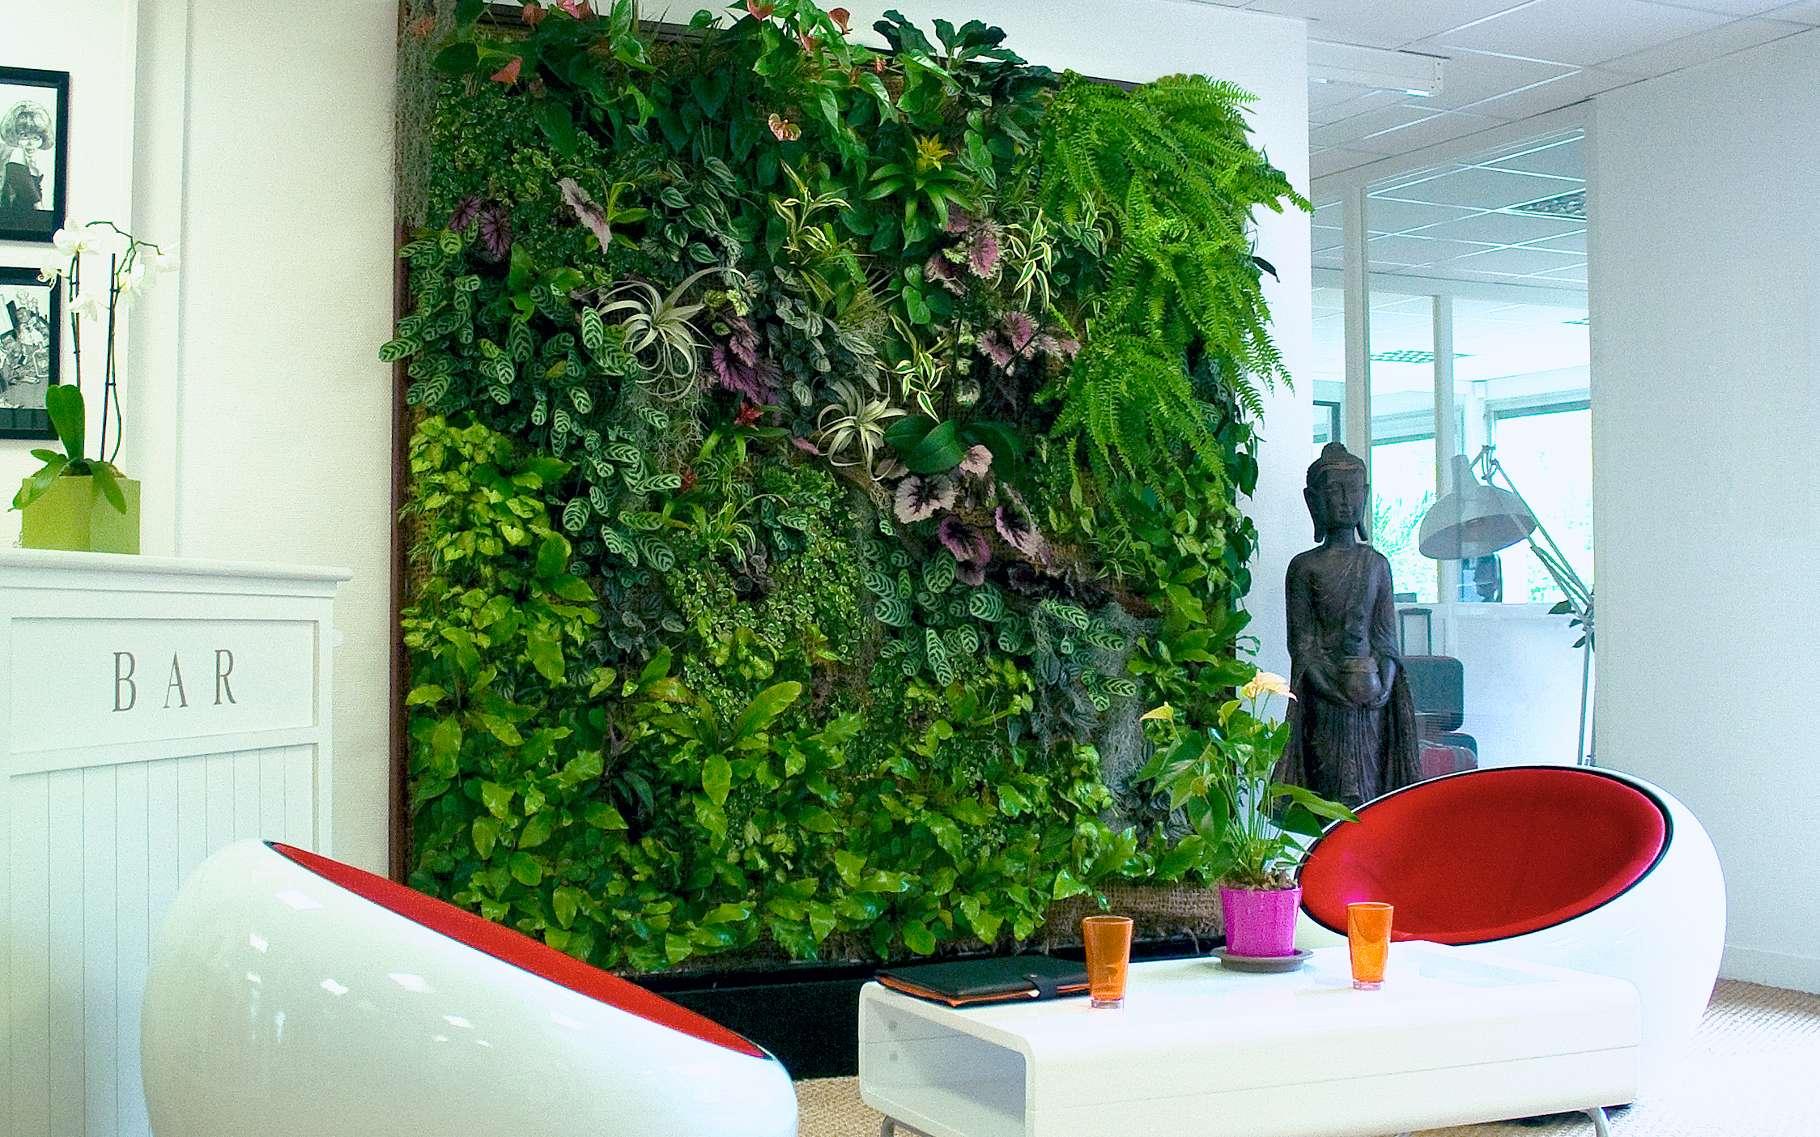 Un mur végétal intérieur permet d'assainir l'air d'une habitation. © Spaceo, Wikimedia Commons, CC by-sa 3.0